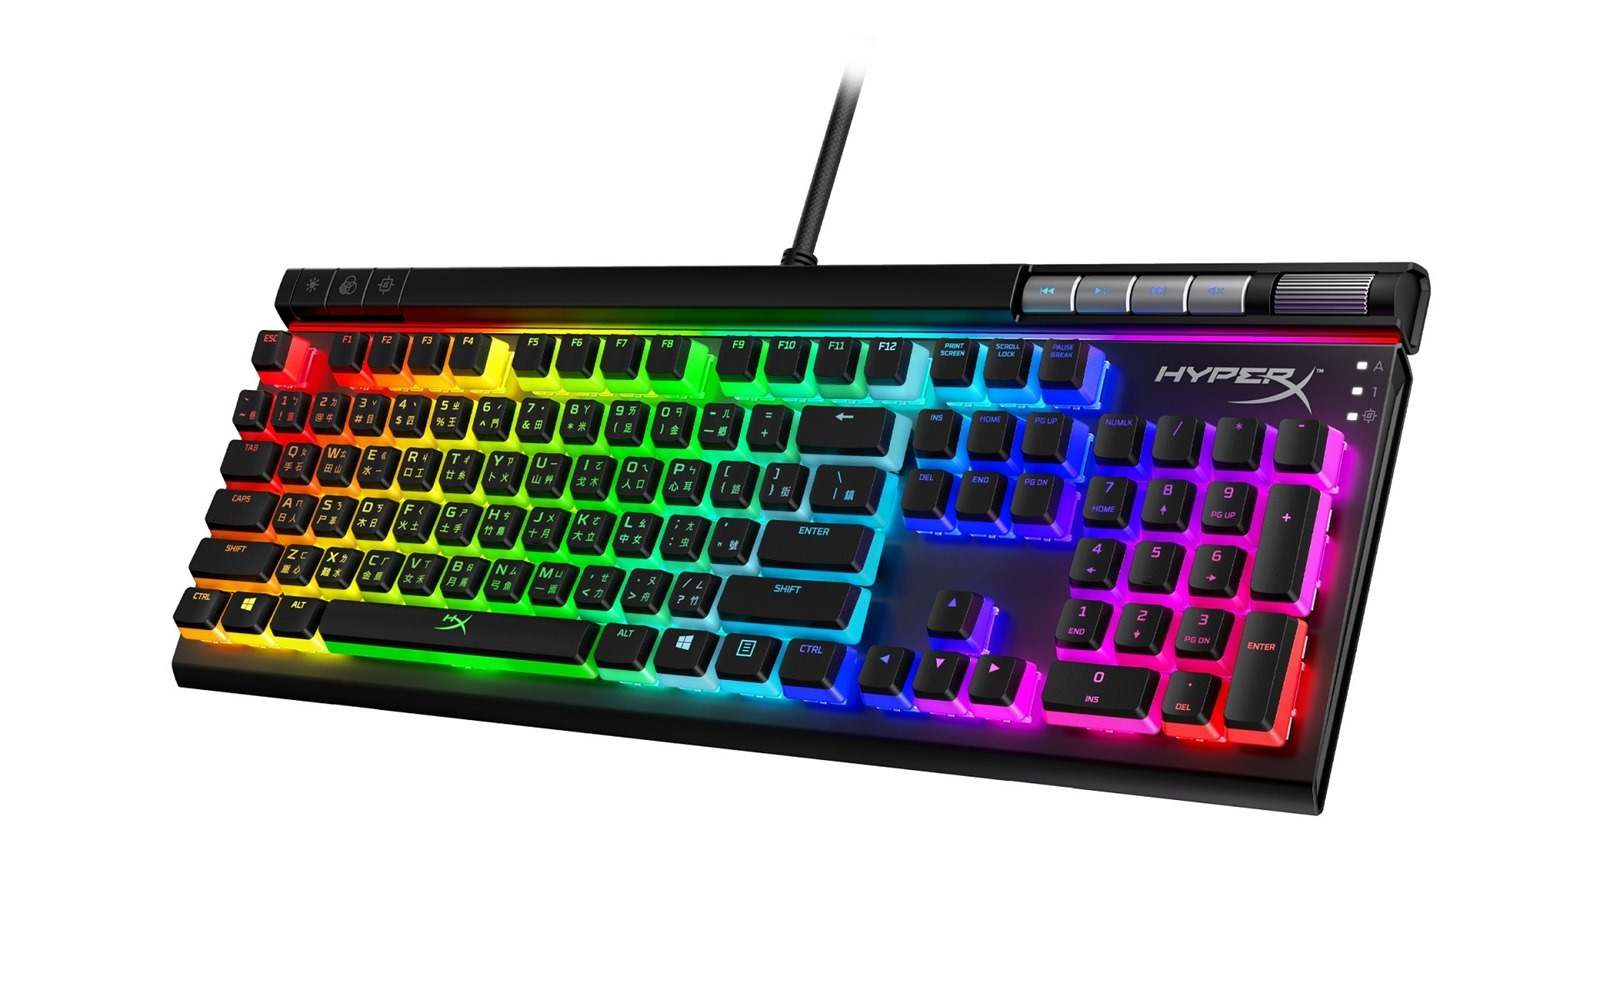 滿足遊戲、日常娛樂需求 HyperX Alloy Elite 2 機械式電競鍵盤正式開賣 前 25 名至 PC Party、硬派精璽購買 Alloy Elite 2 鍵盤,即可免費獲得 Pulsefire Core 電競滑鼠乙支 @3C 達人廖阿輝